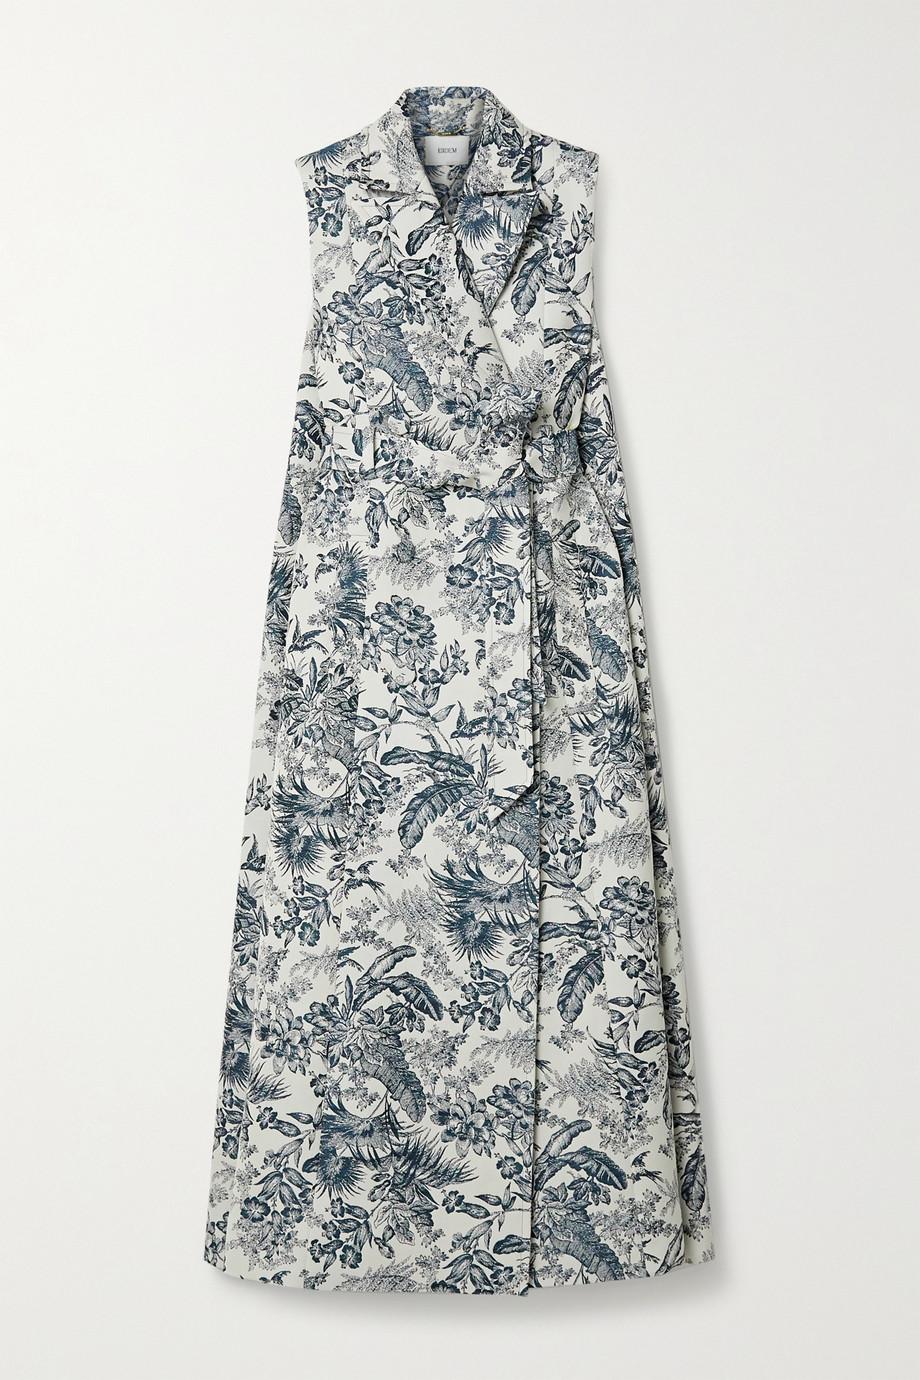 Erdem Ezra ärmelloser Mantel aus Jacquard mit Blumenmuster und Bindegürtel